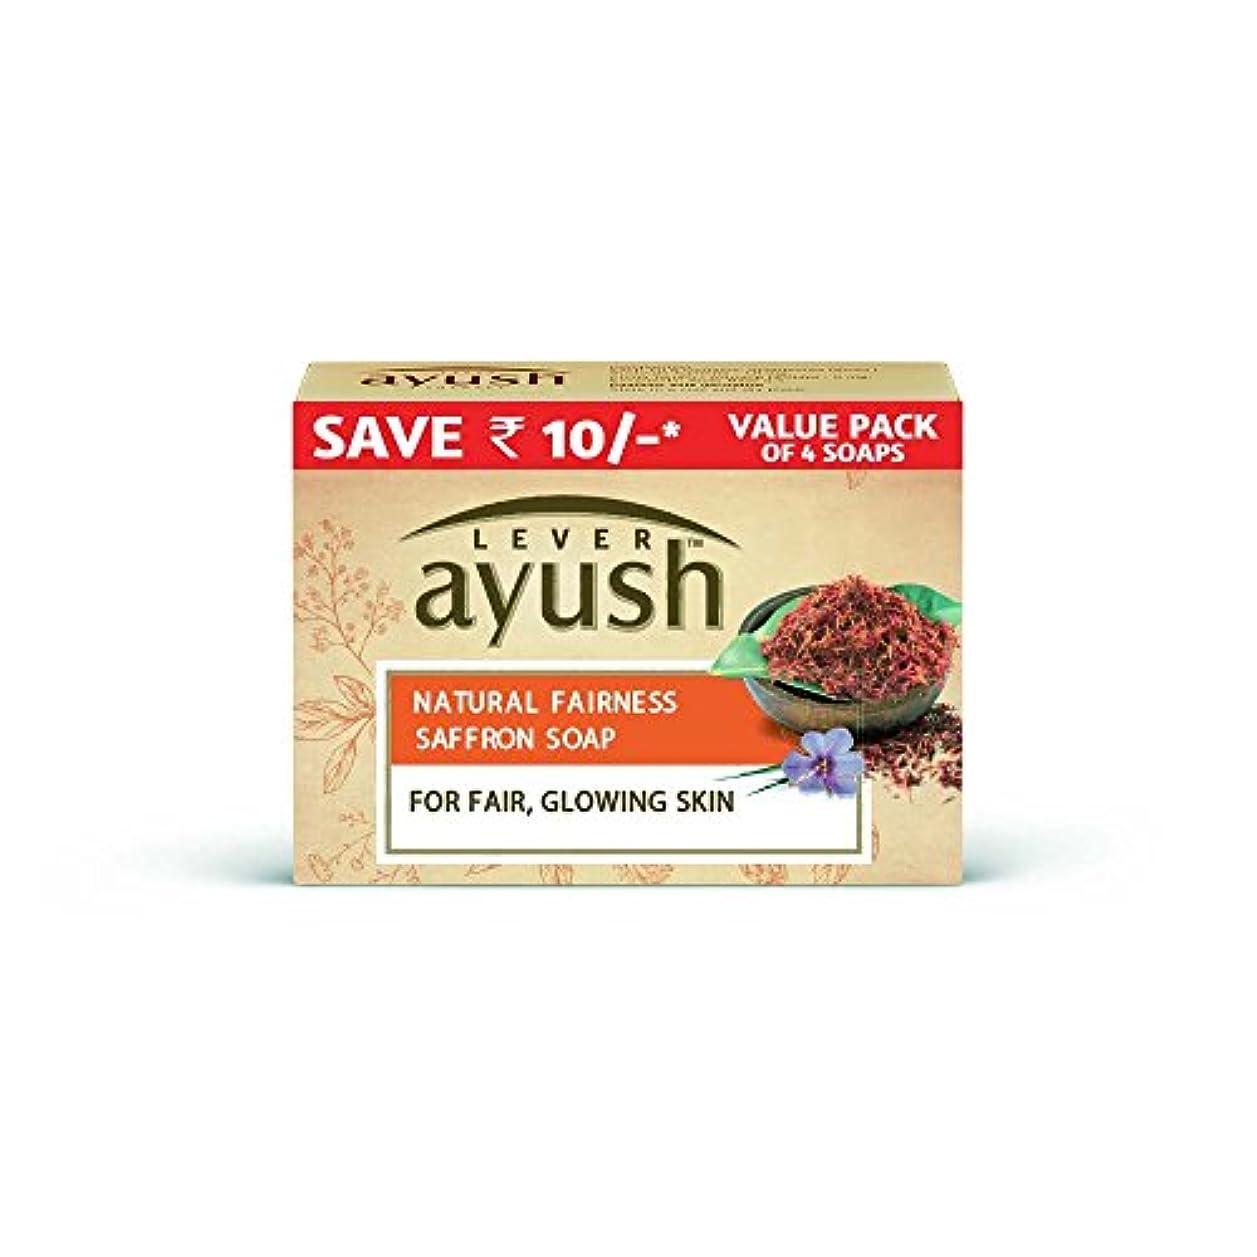 モーター信頼性のある昆虫を見るLever Ayush Natural Fairness Saffron Soap, 100g (Pack of 4)